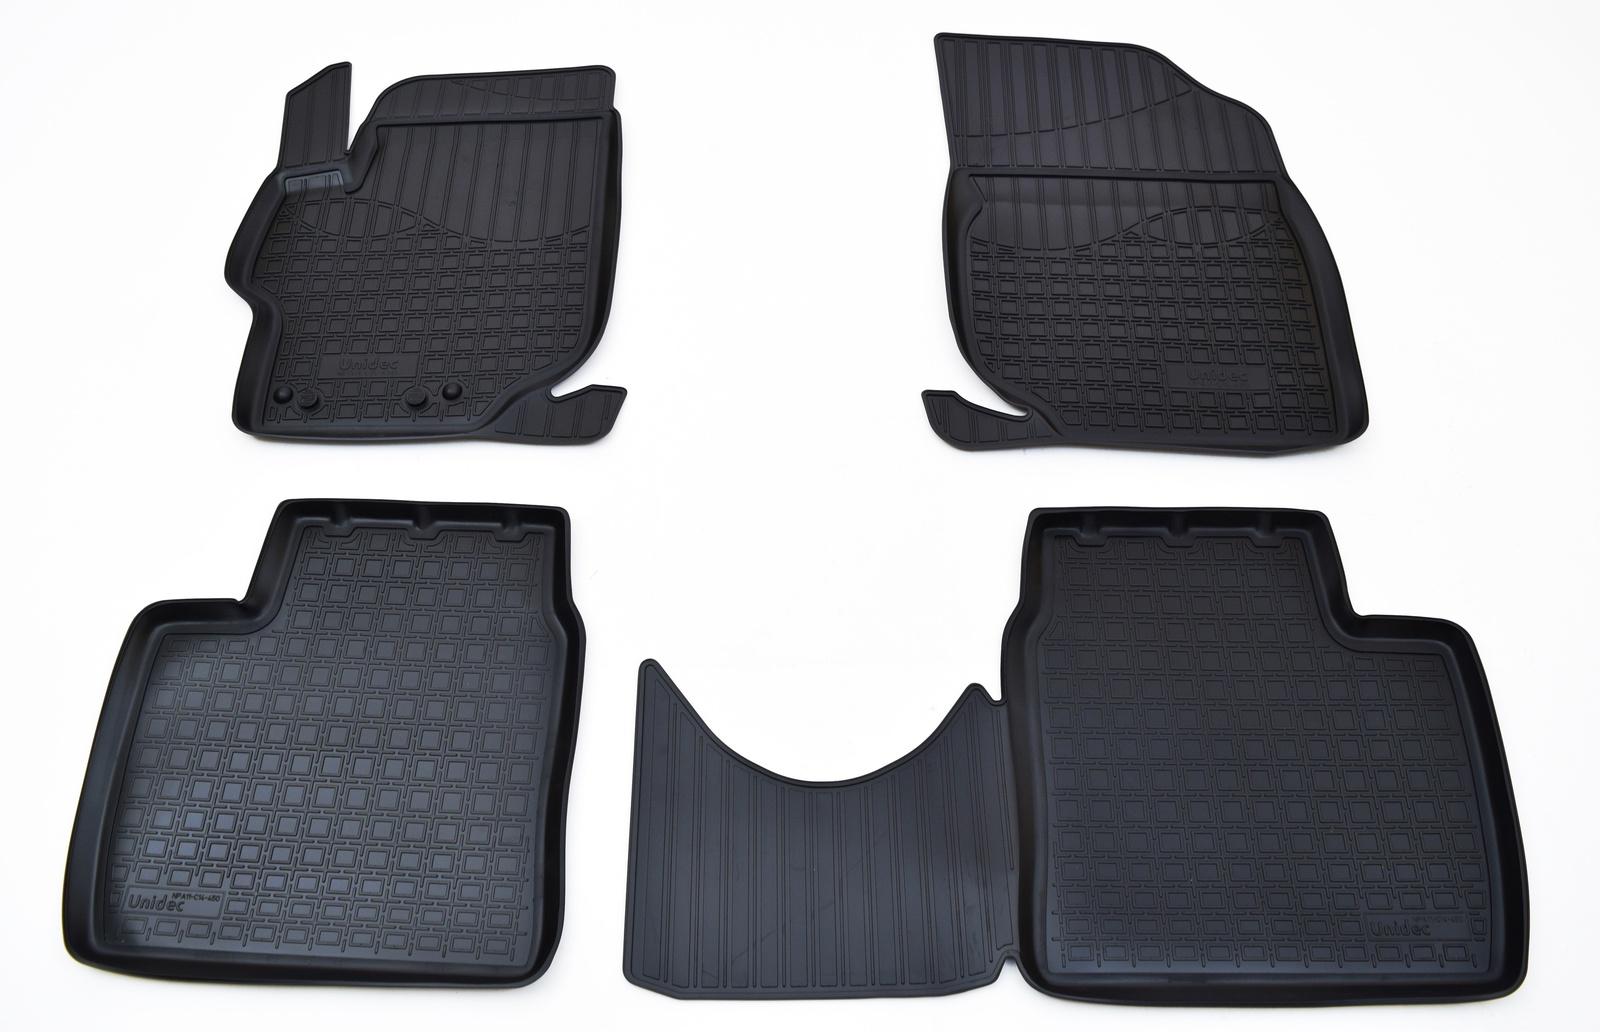 Коврики в салон Norplast для Citroen C-Elysee D, для Peugeot 301 2012, NPA11-C14-450, черный